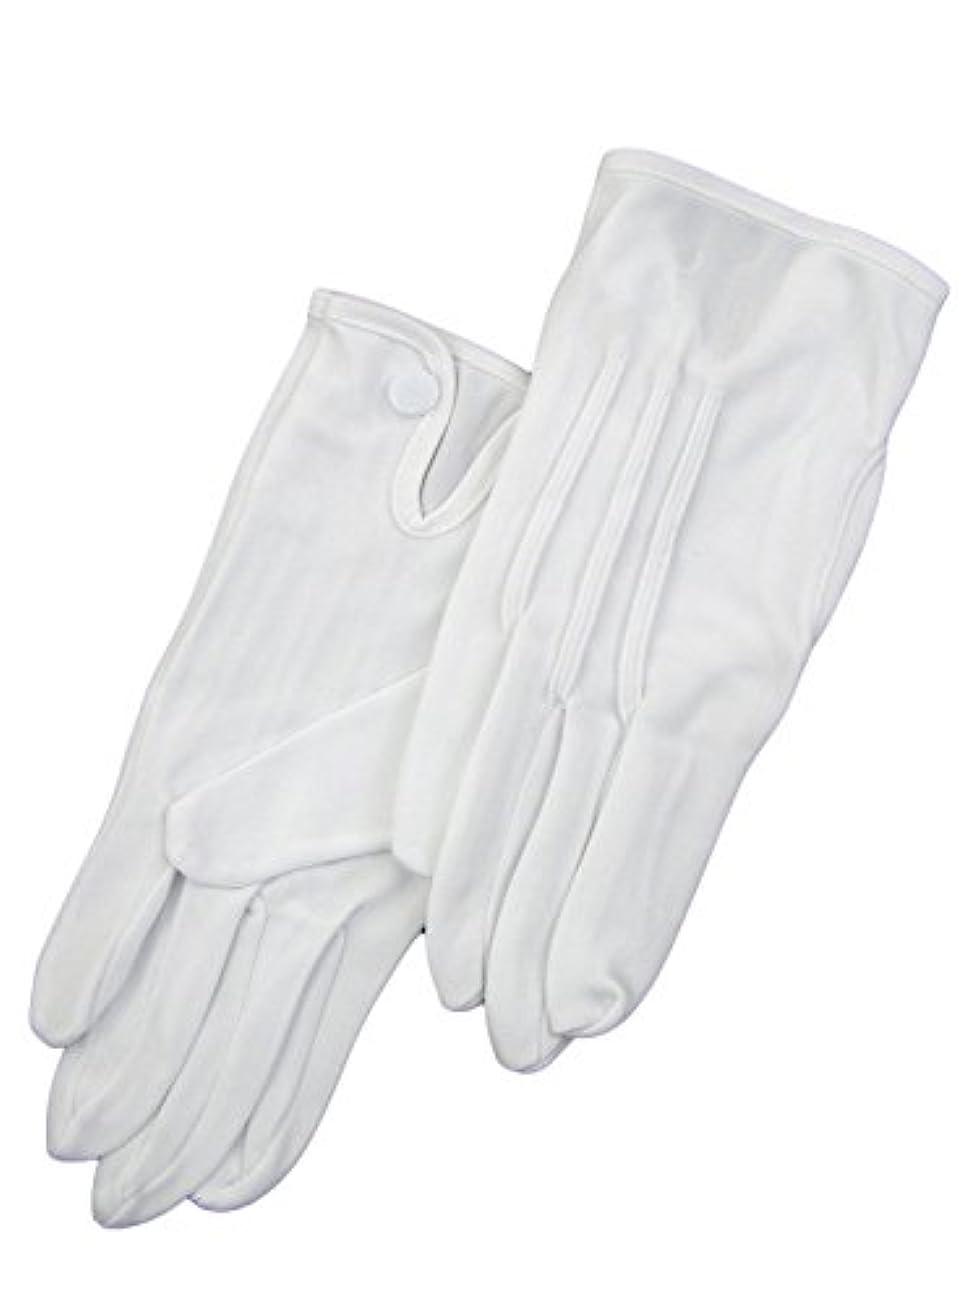 予定紳士気取りの、きざな高度な紳士白ナイロン手袋 105 シロ L